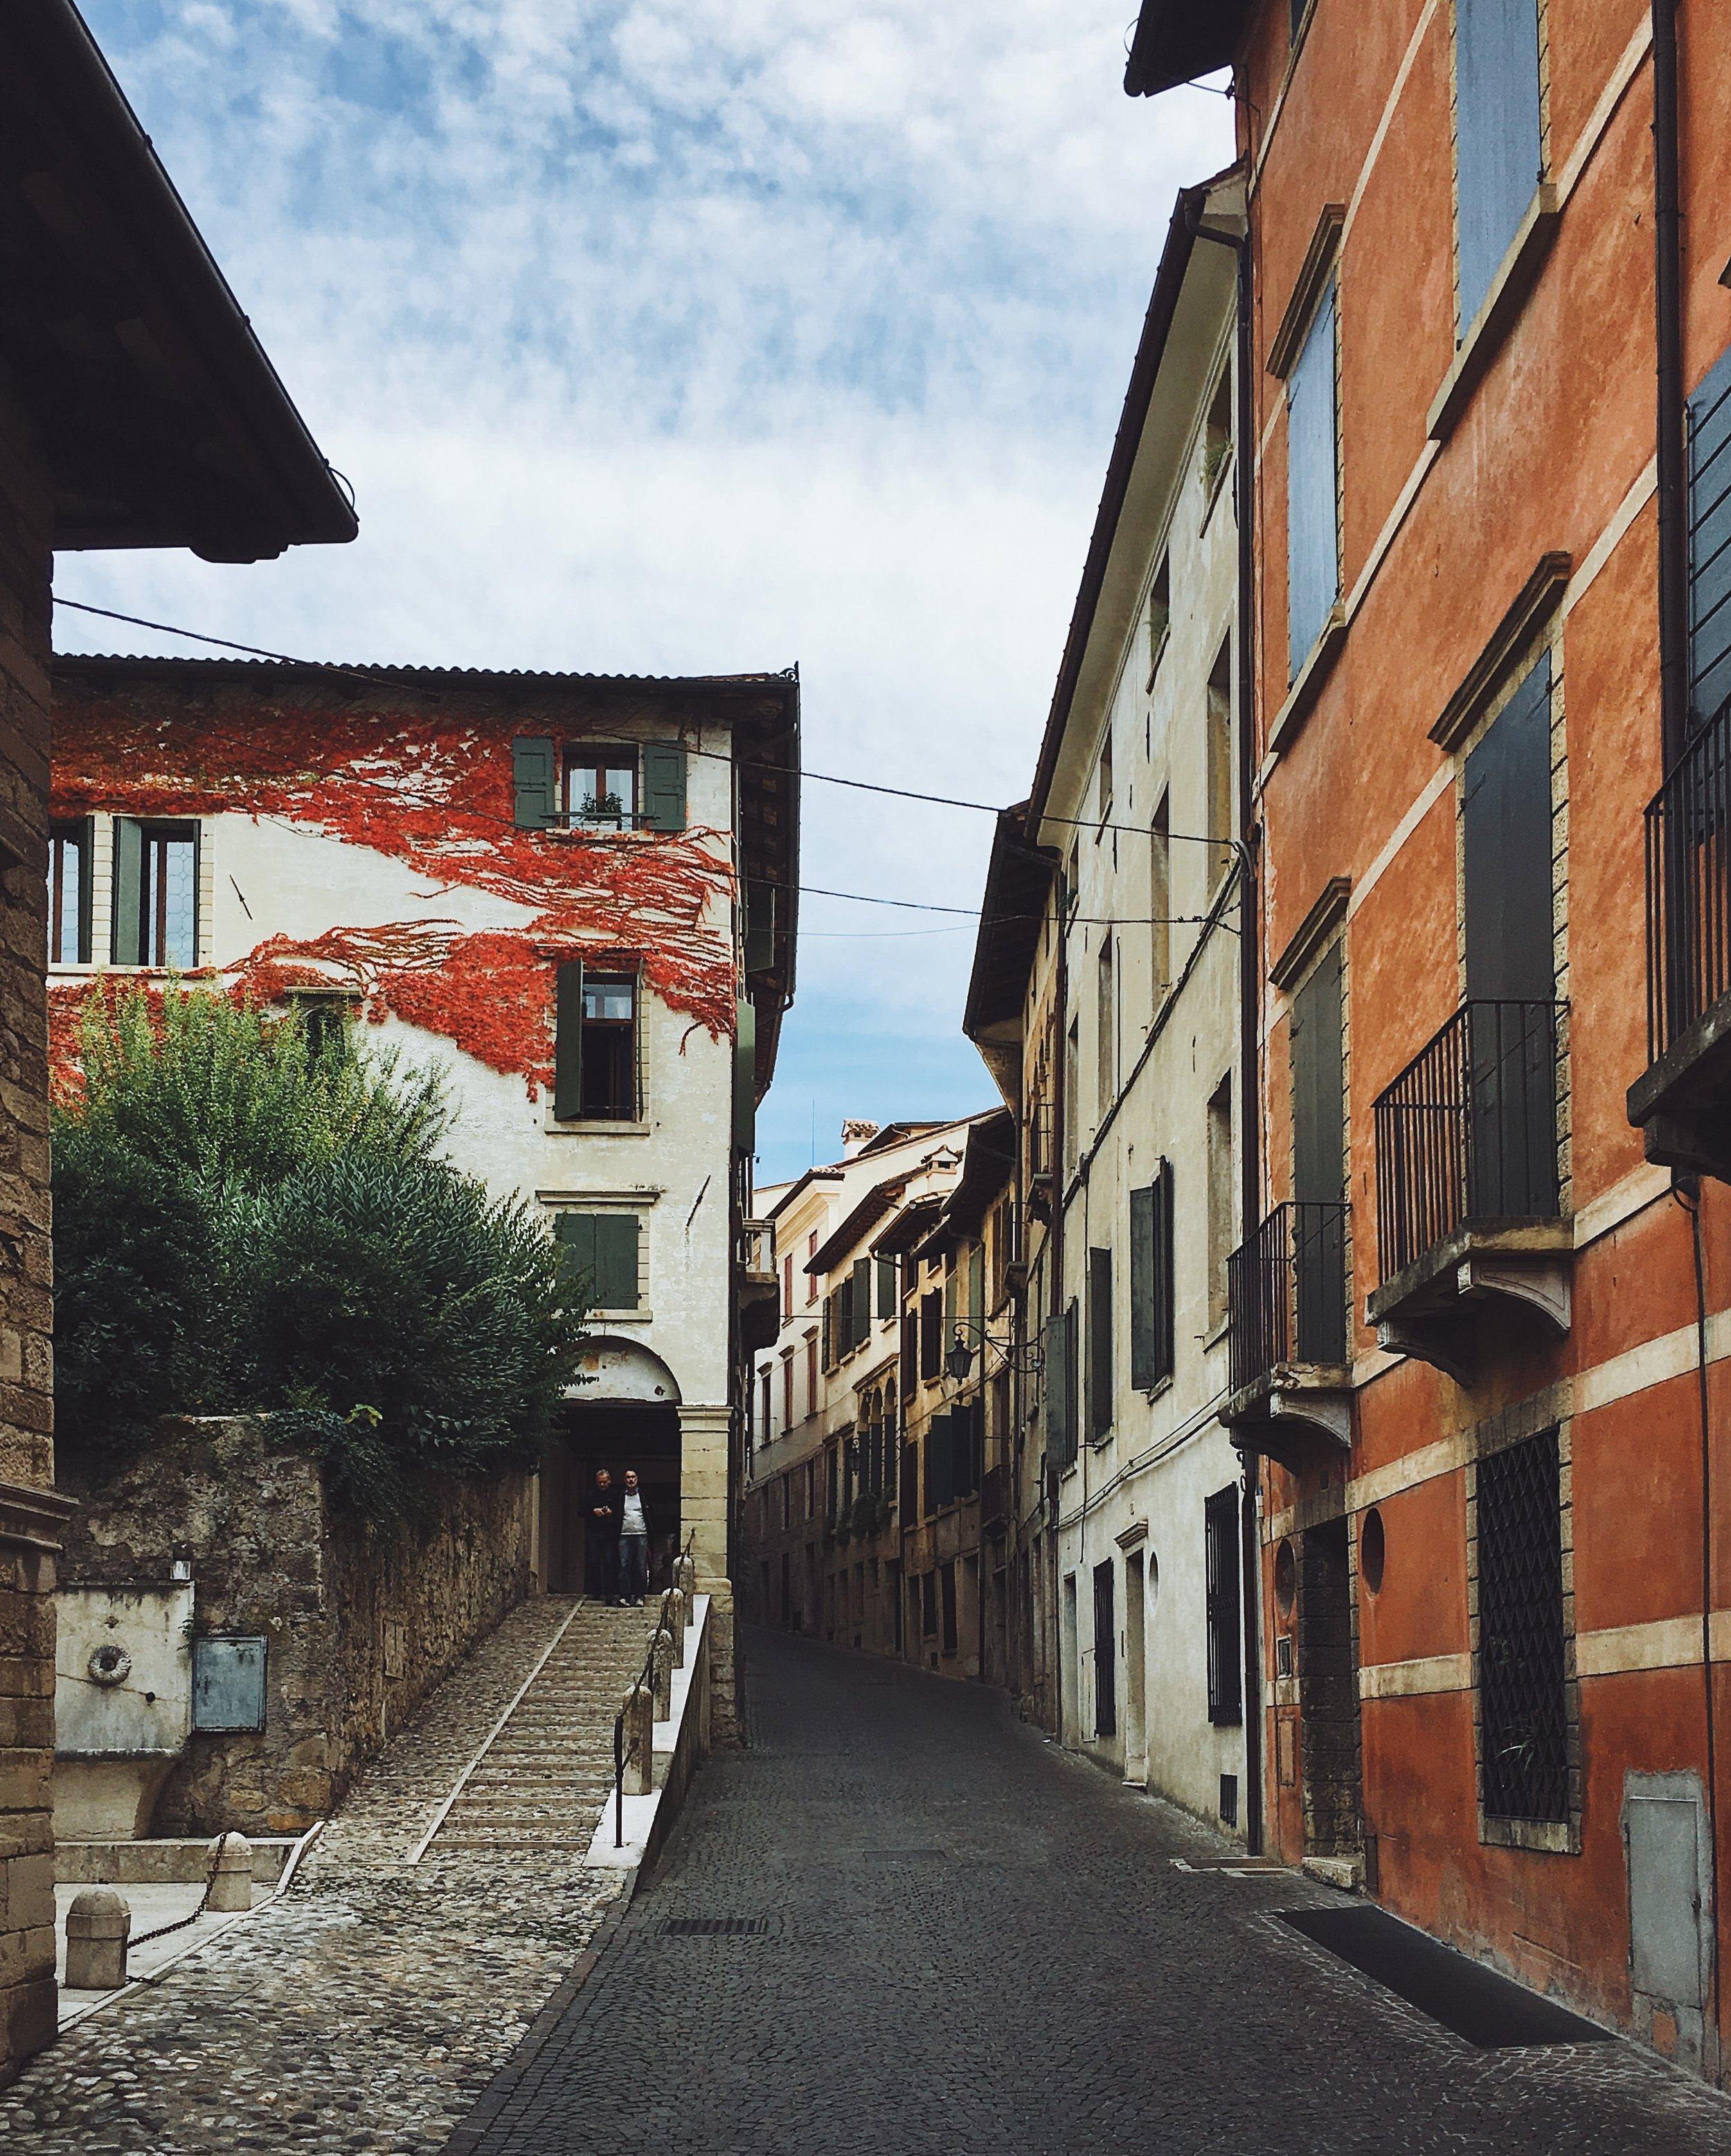 Un vicolo del centro storico di Asolo, culla del Prosecco trevigiano.